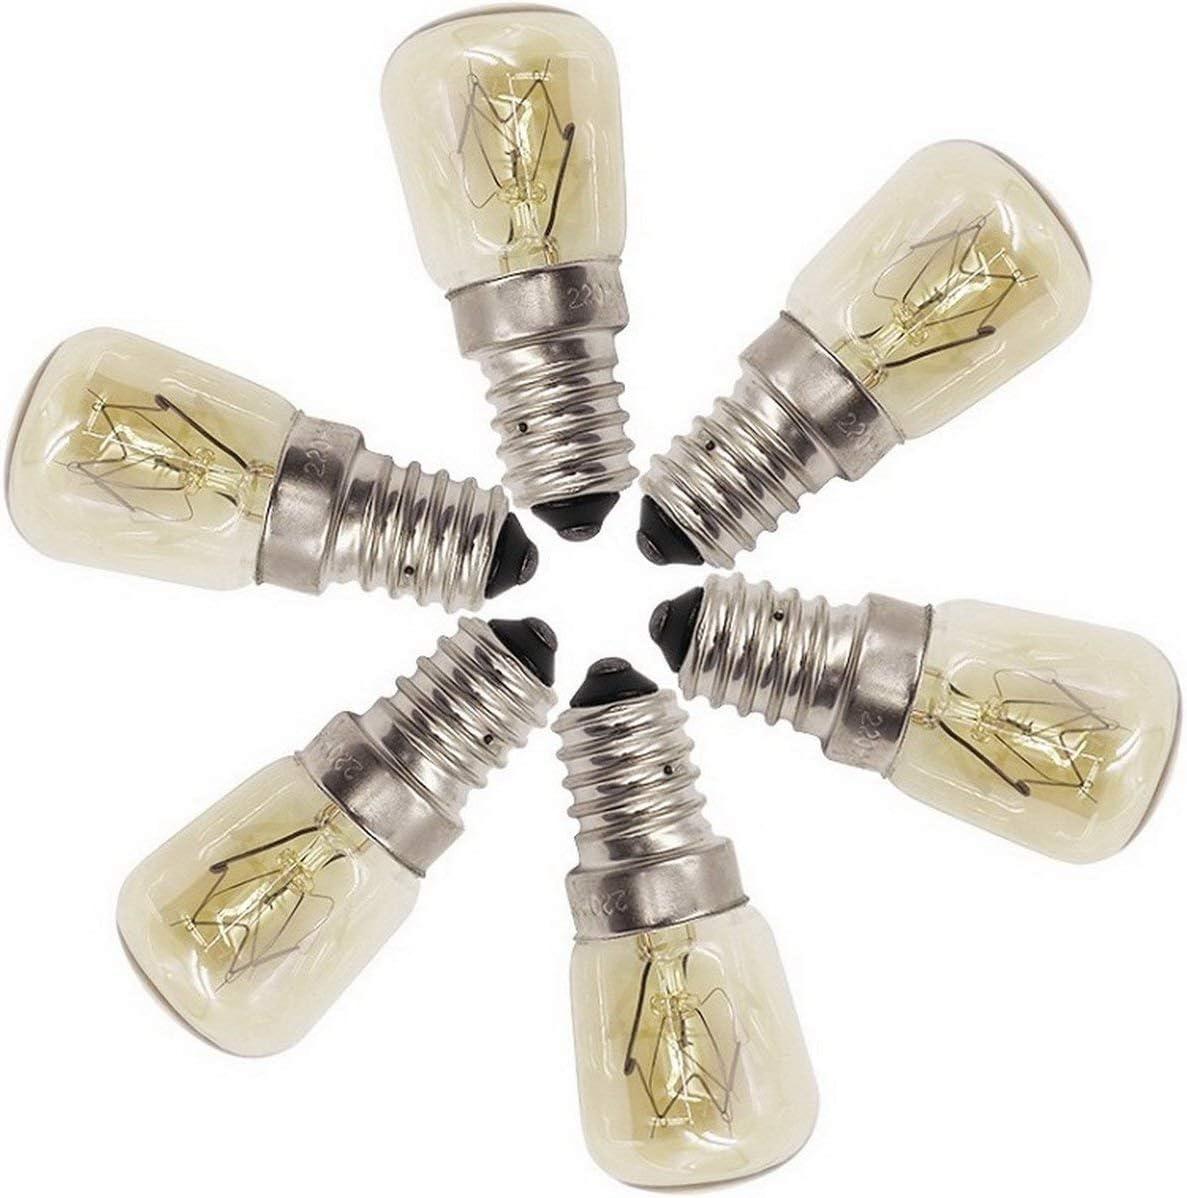 Forno Lampadina a vapore E14-25w Ad alta temperatura 300 /° c Macchina per il pane Giallo Lampadina al tungsteno AC220-240V giallo